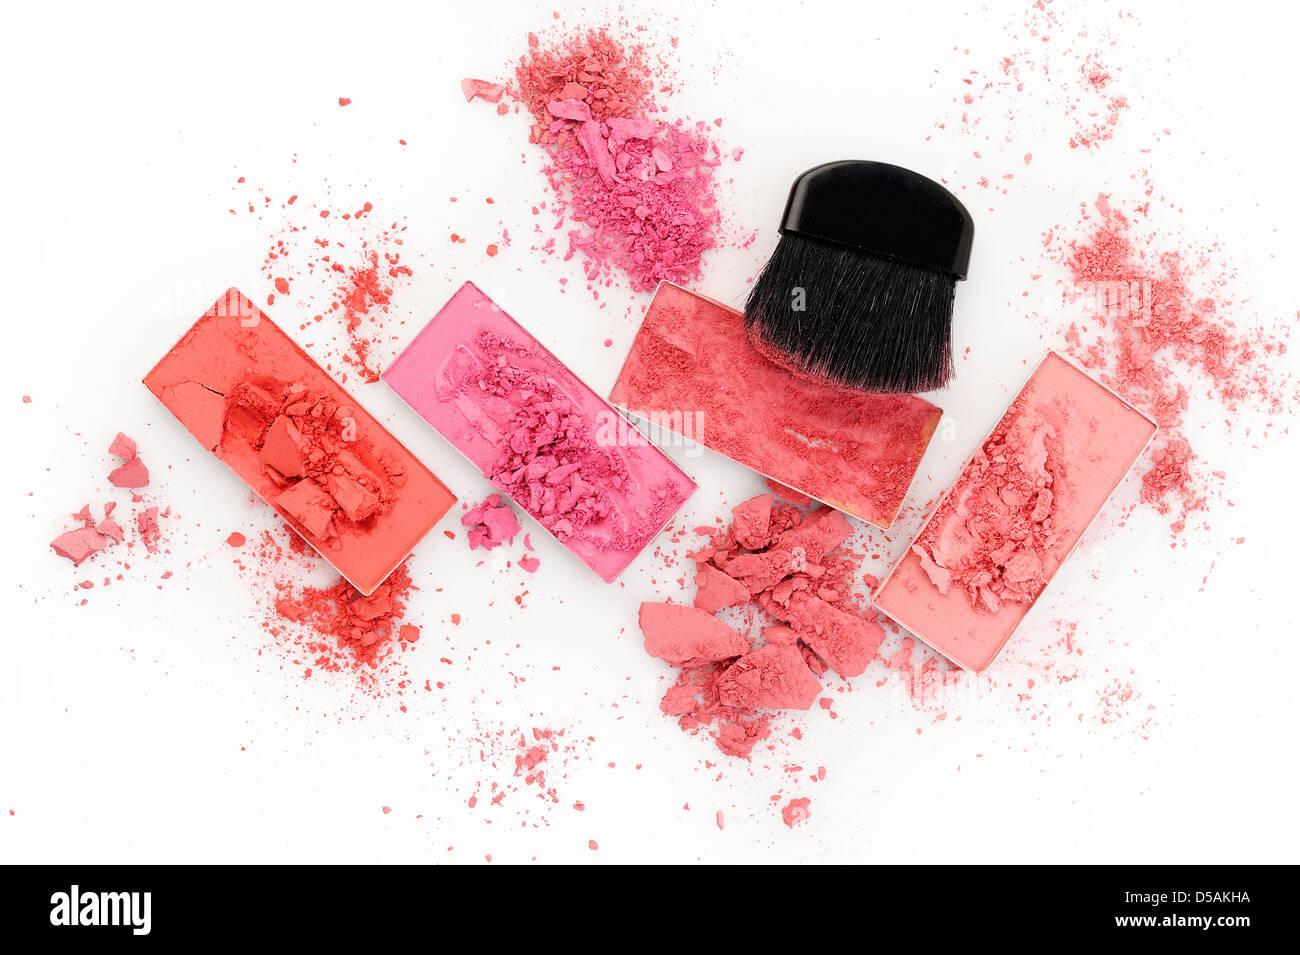 Pincel de maquillaje y polvo sobre fondo blanco. Imagen De Stock